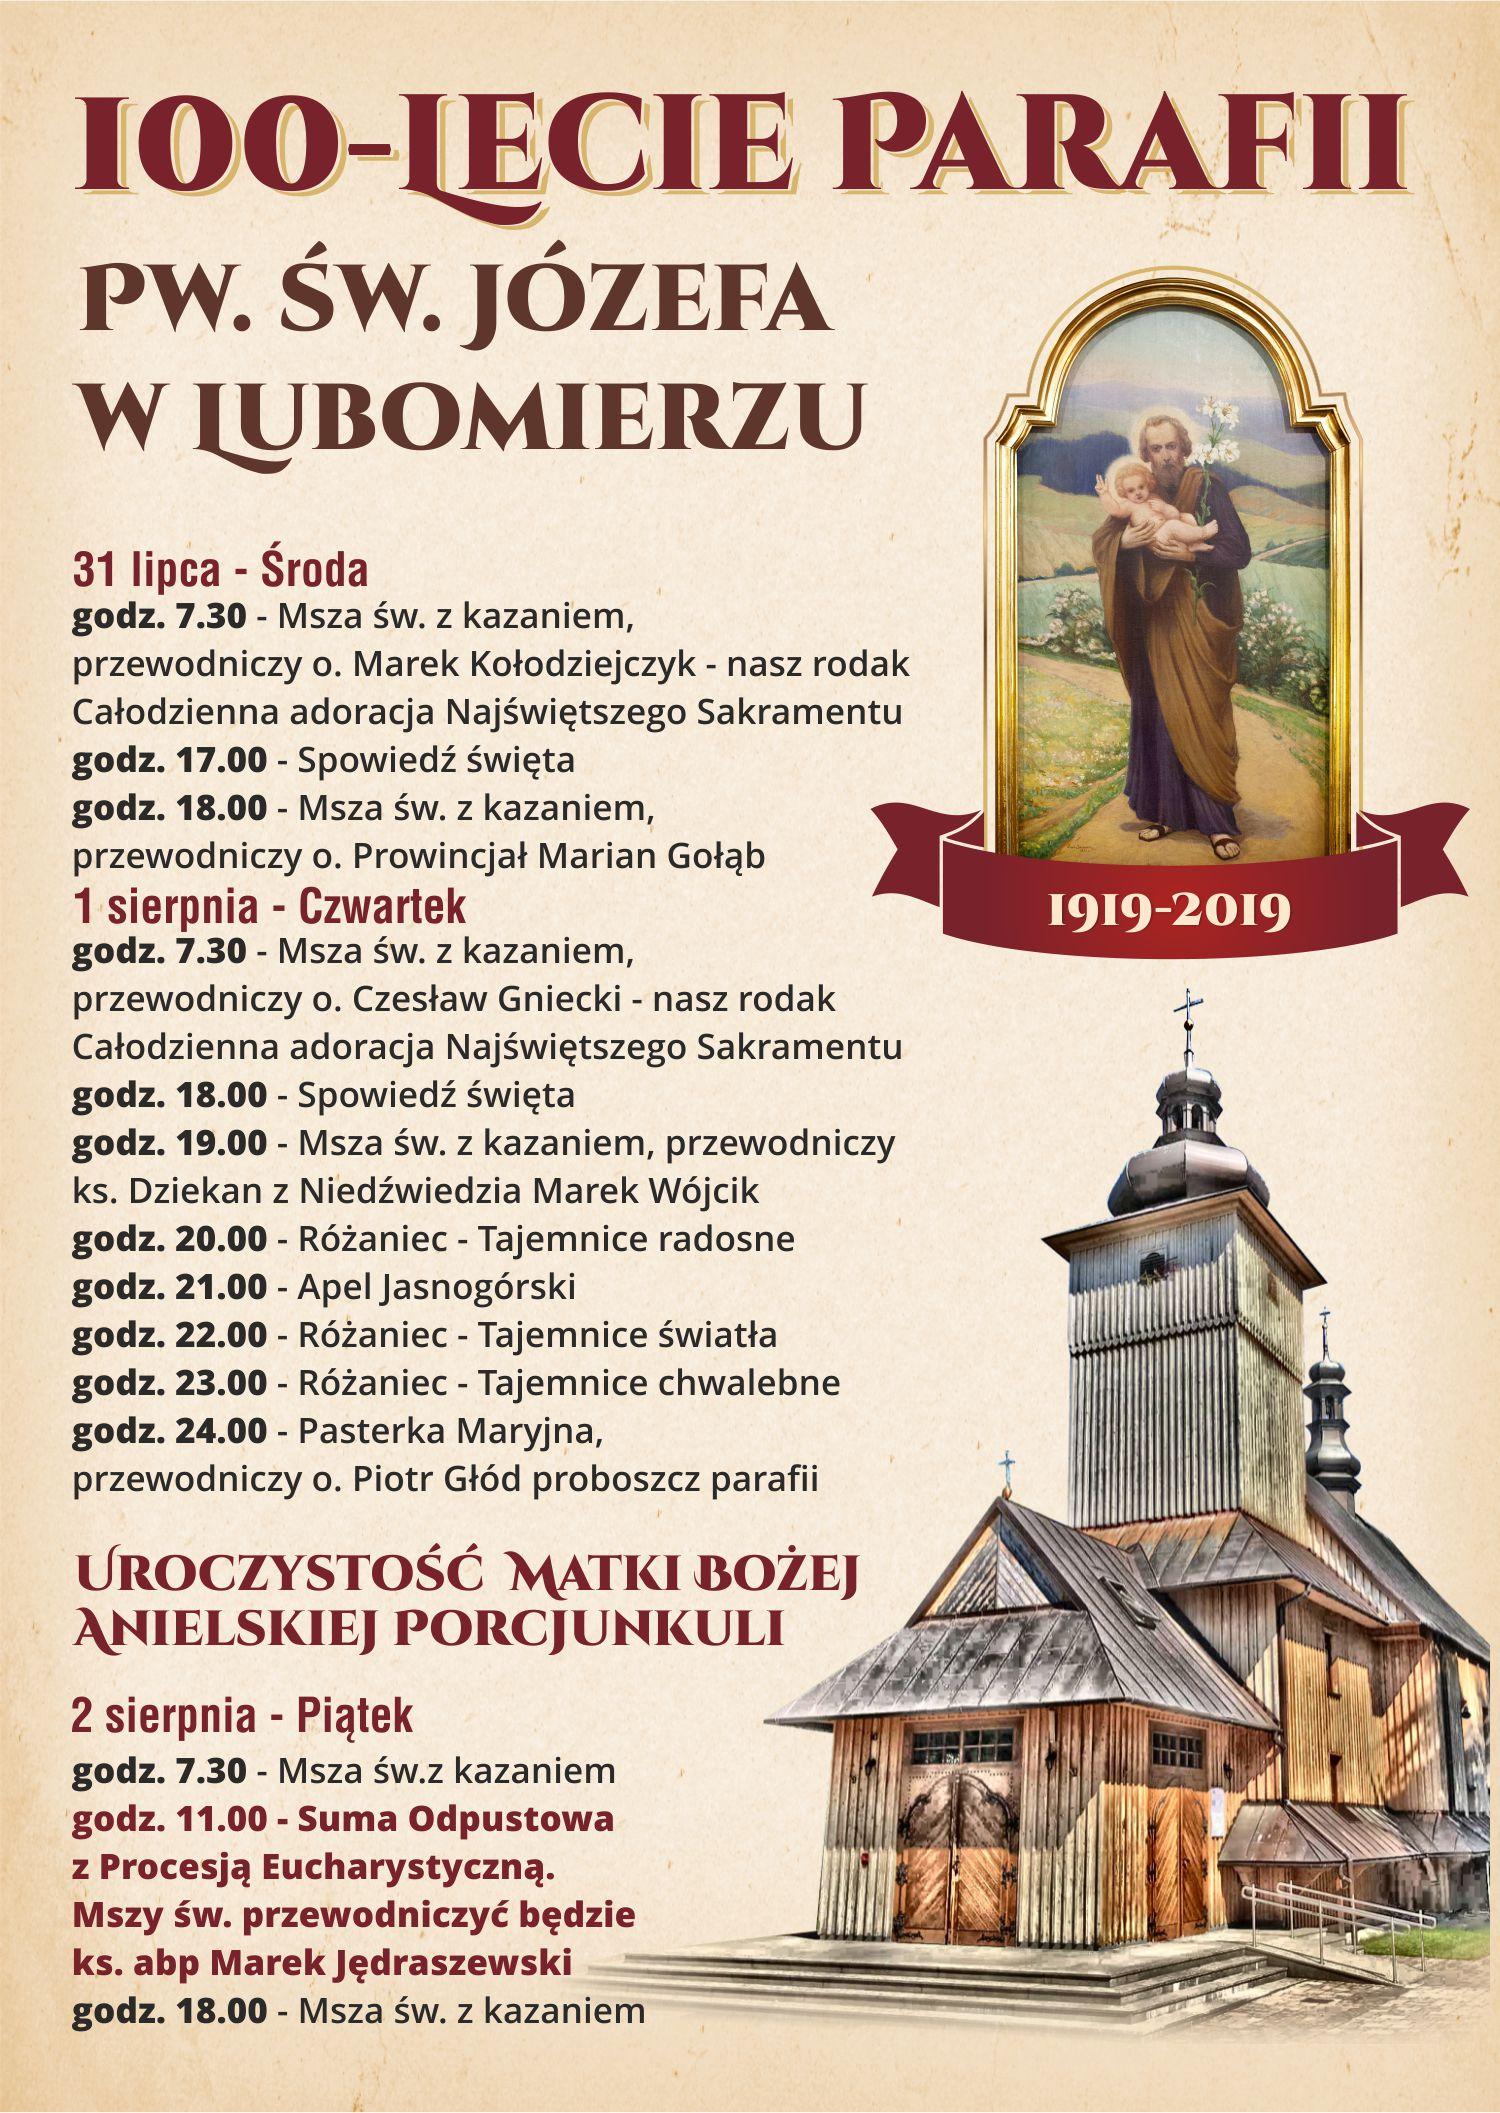 100-lecie parafii w Lubomierzu